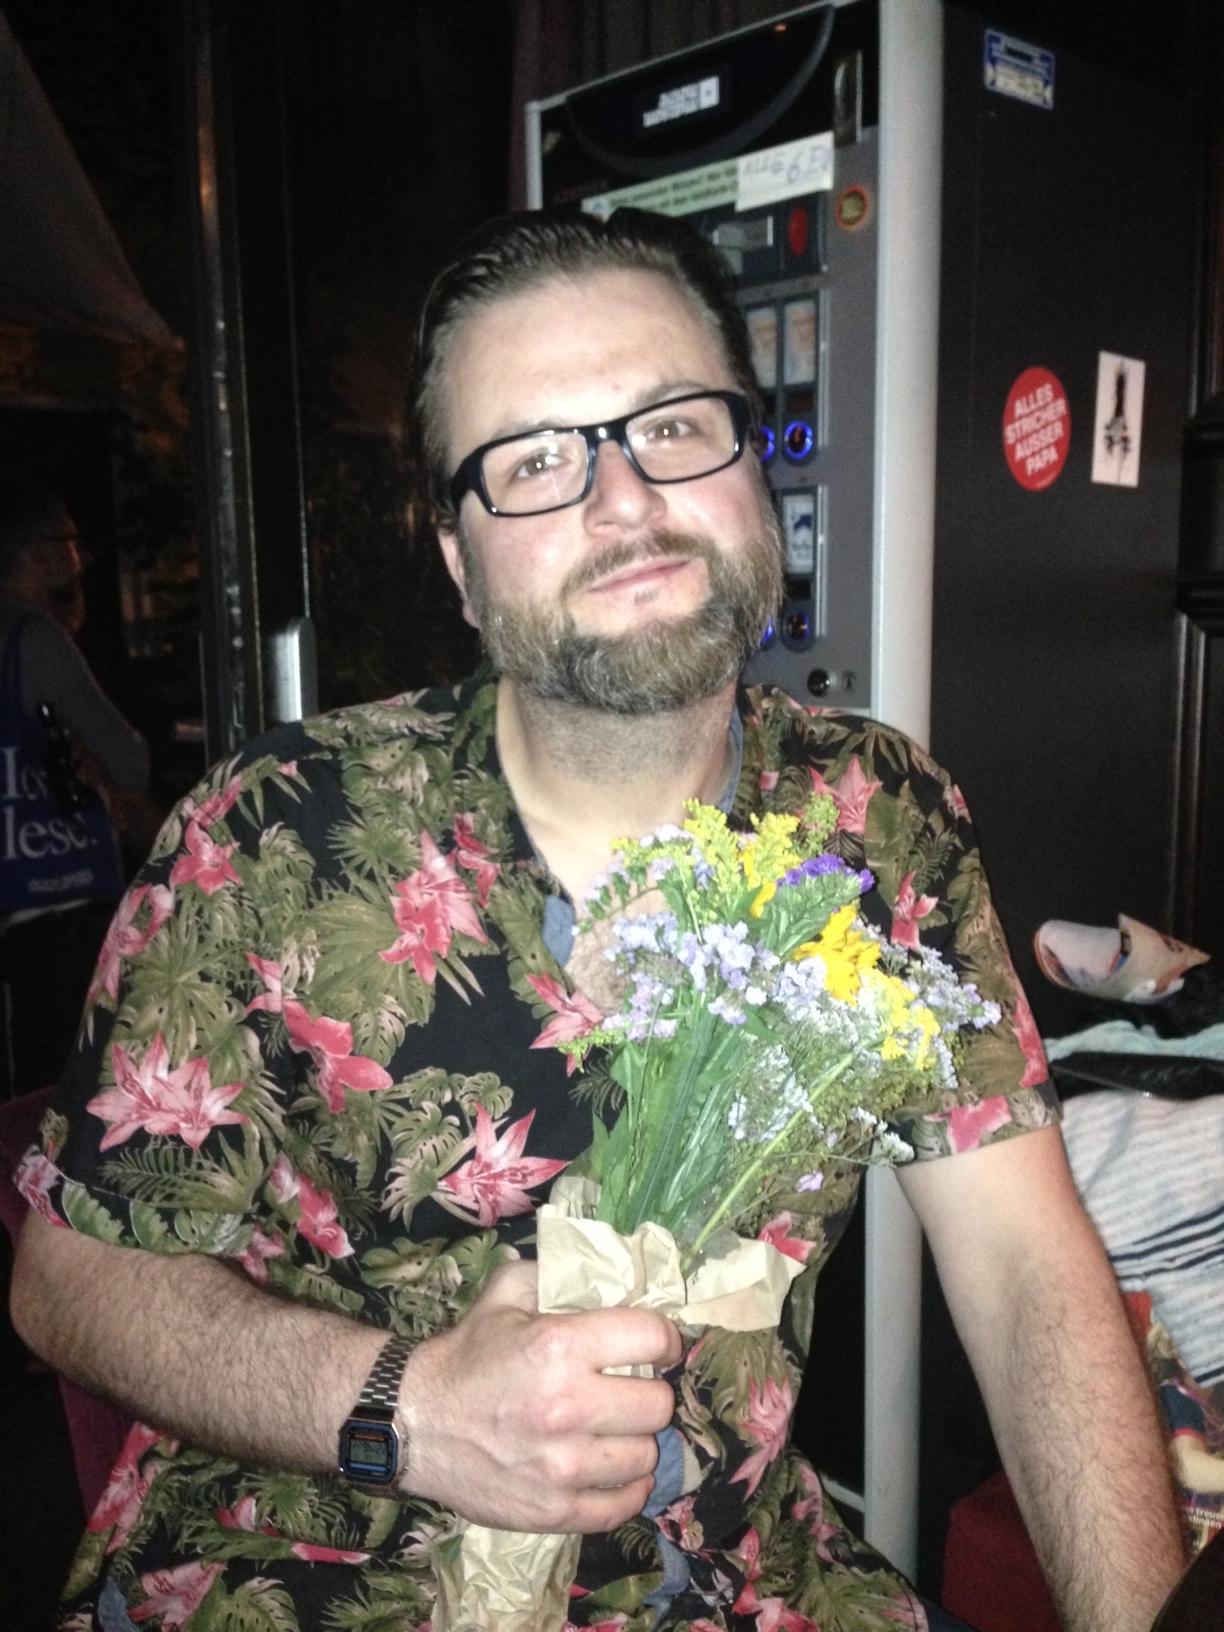 ptrk4000 - Sag es durch die Blume!